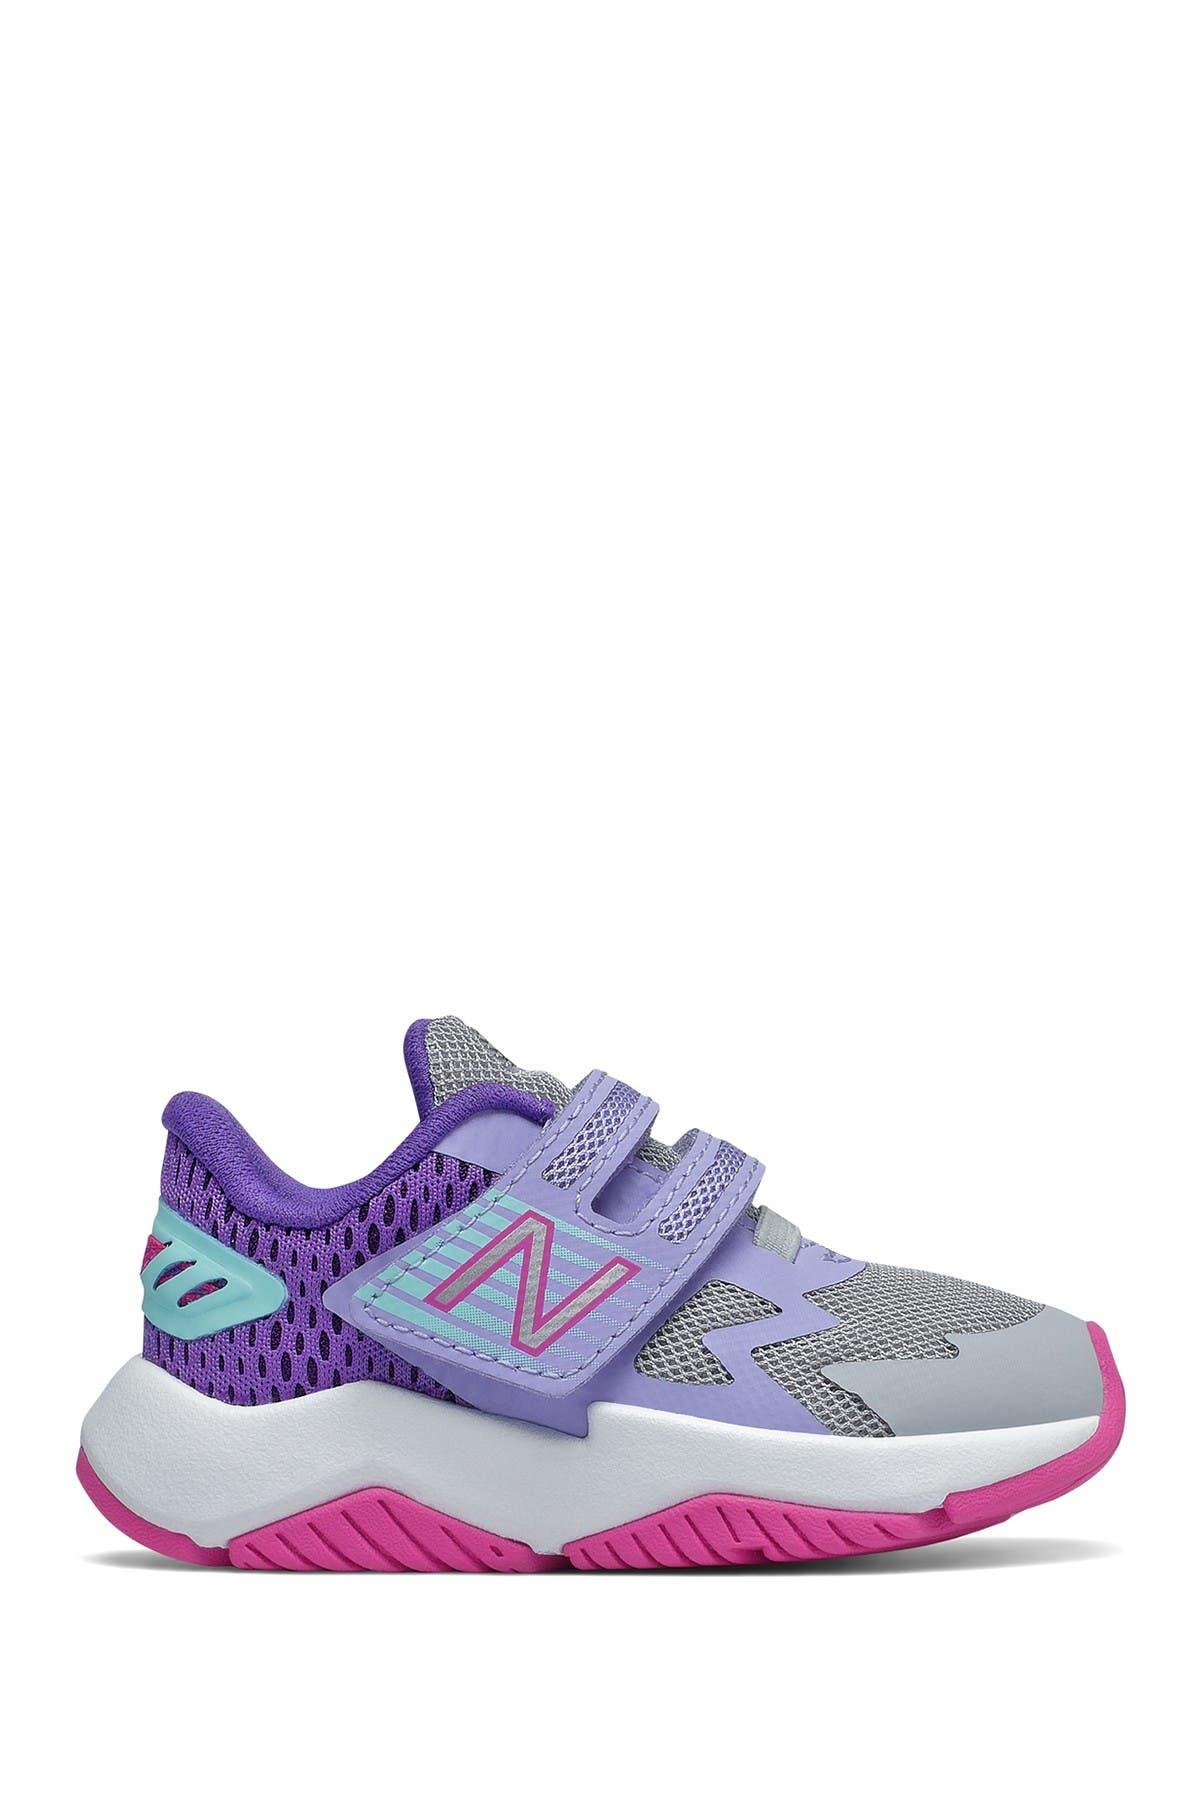 Image of New Balance Rave Running Shoe